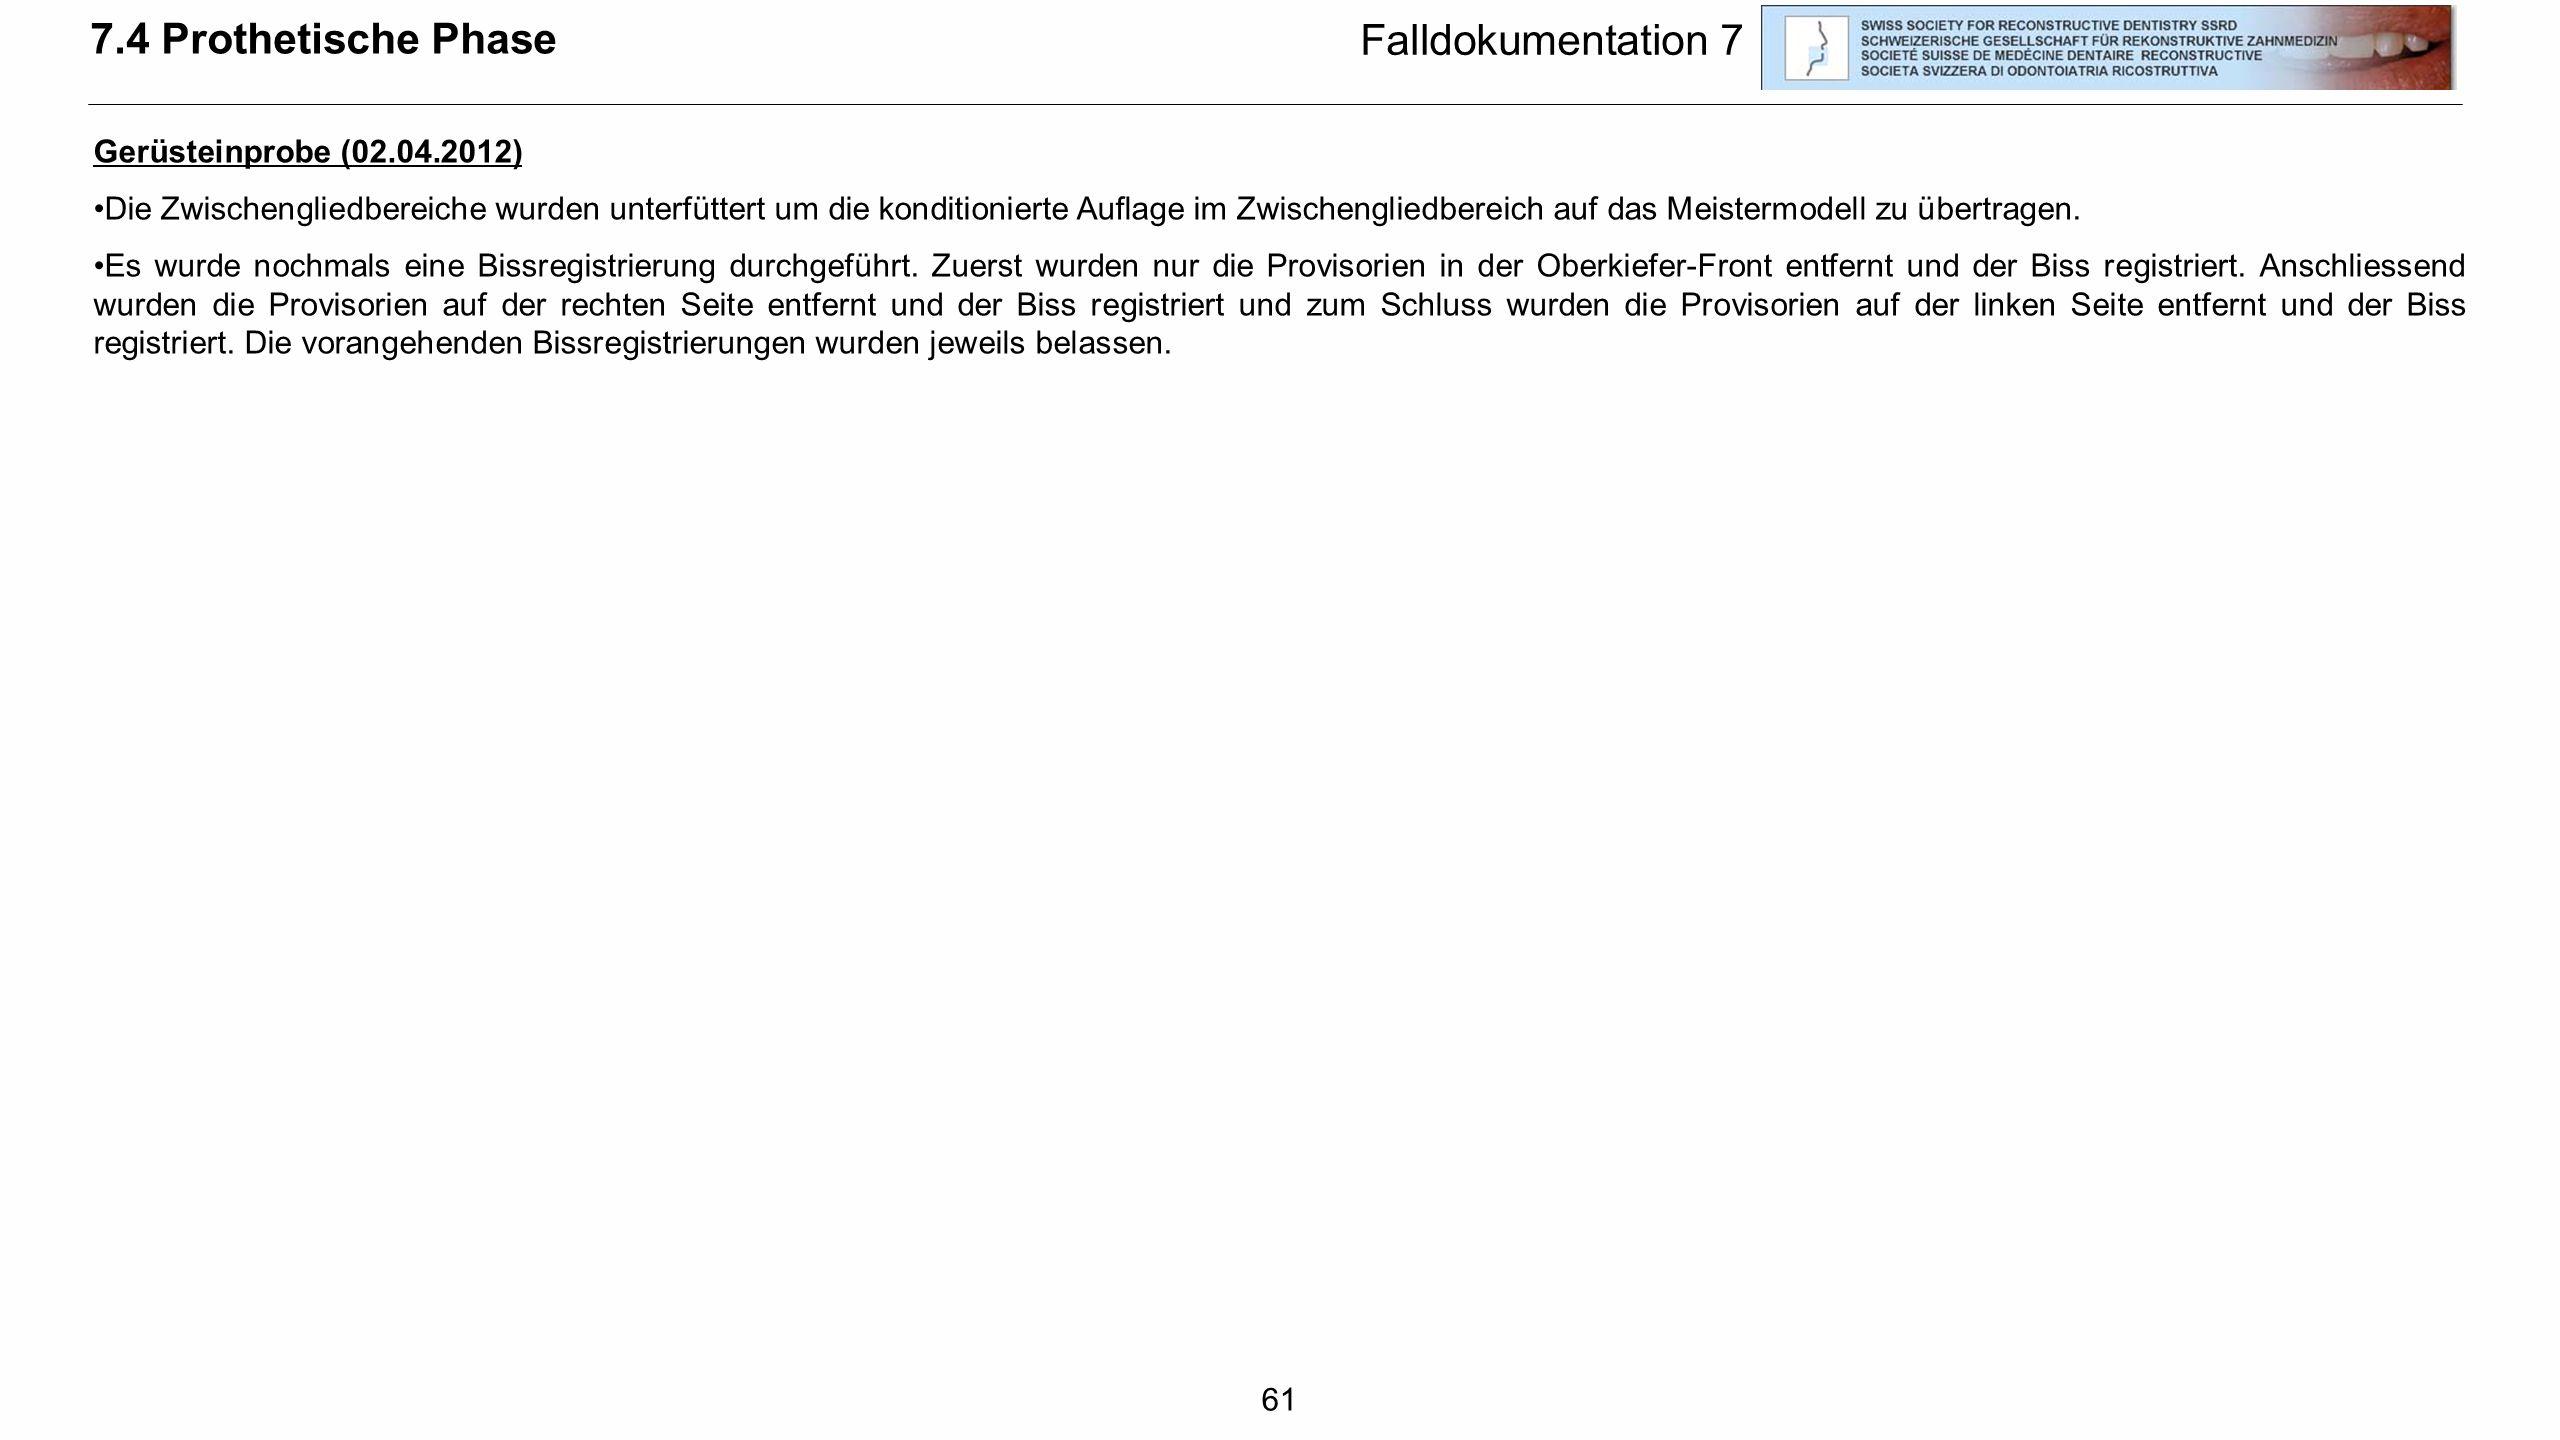 7.4 Prothetische Phase Falldokumentation 7 Gerüsteinprobe (02.04.2012)